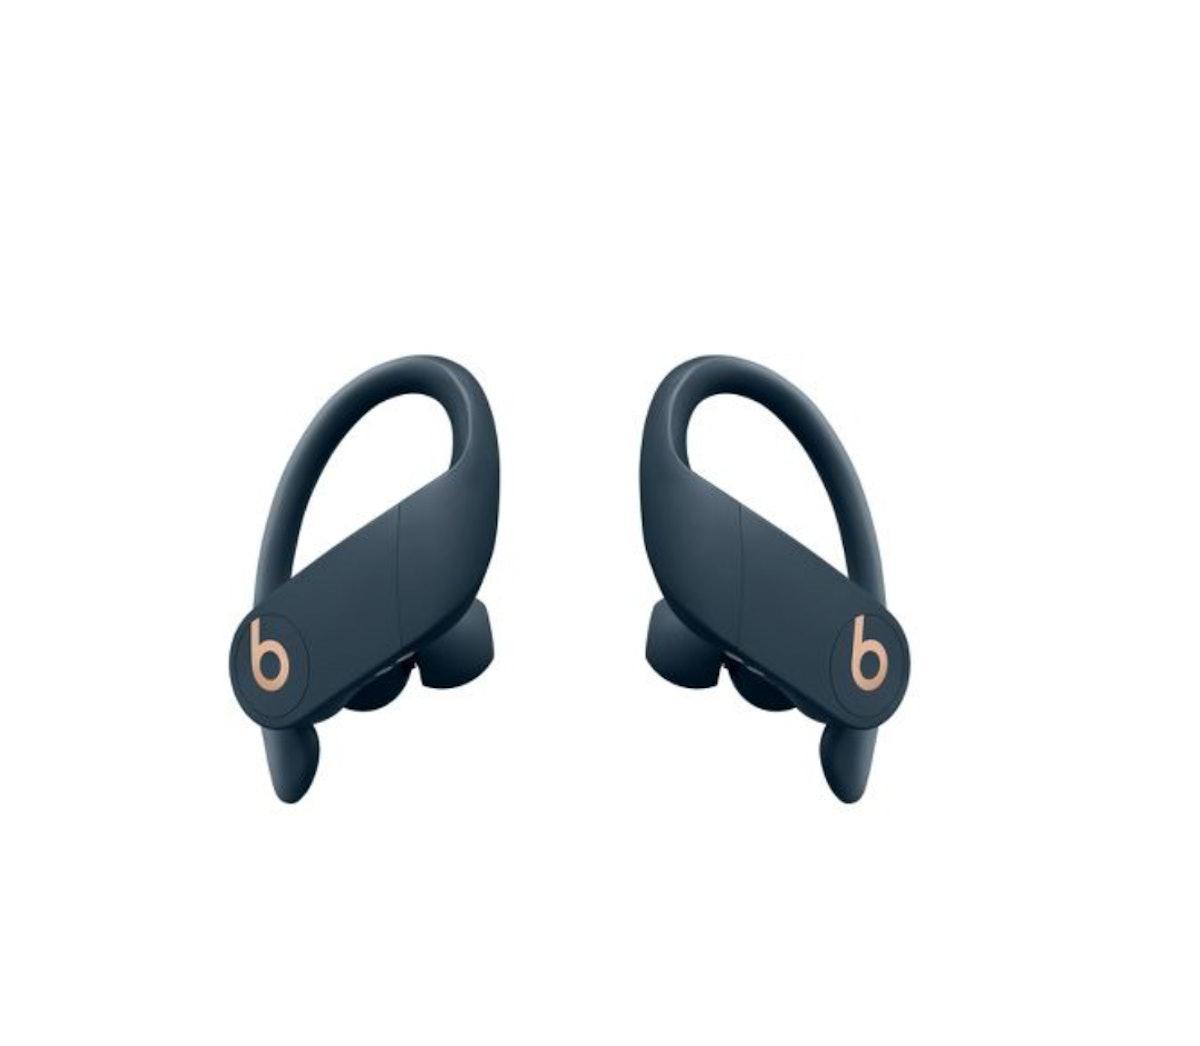 Powerbeats Pro True Wireless In-Ear Earphones